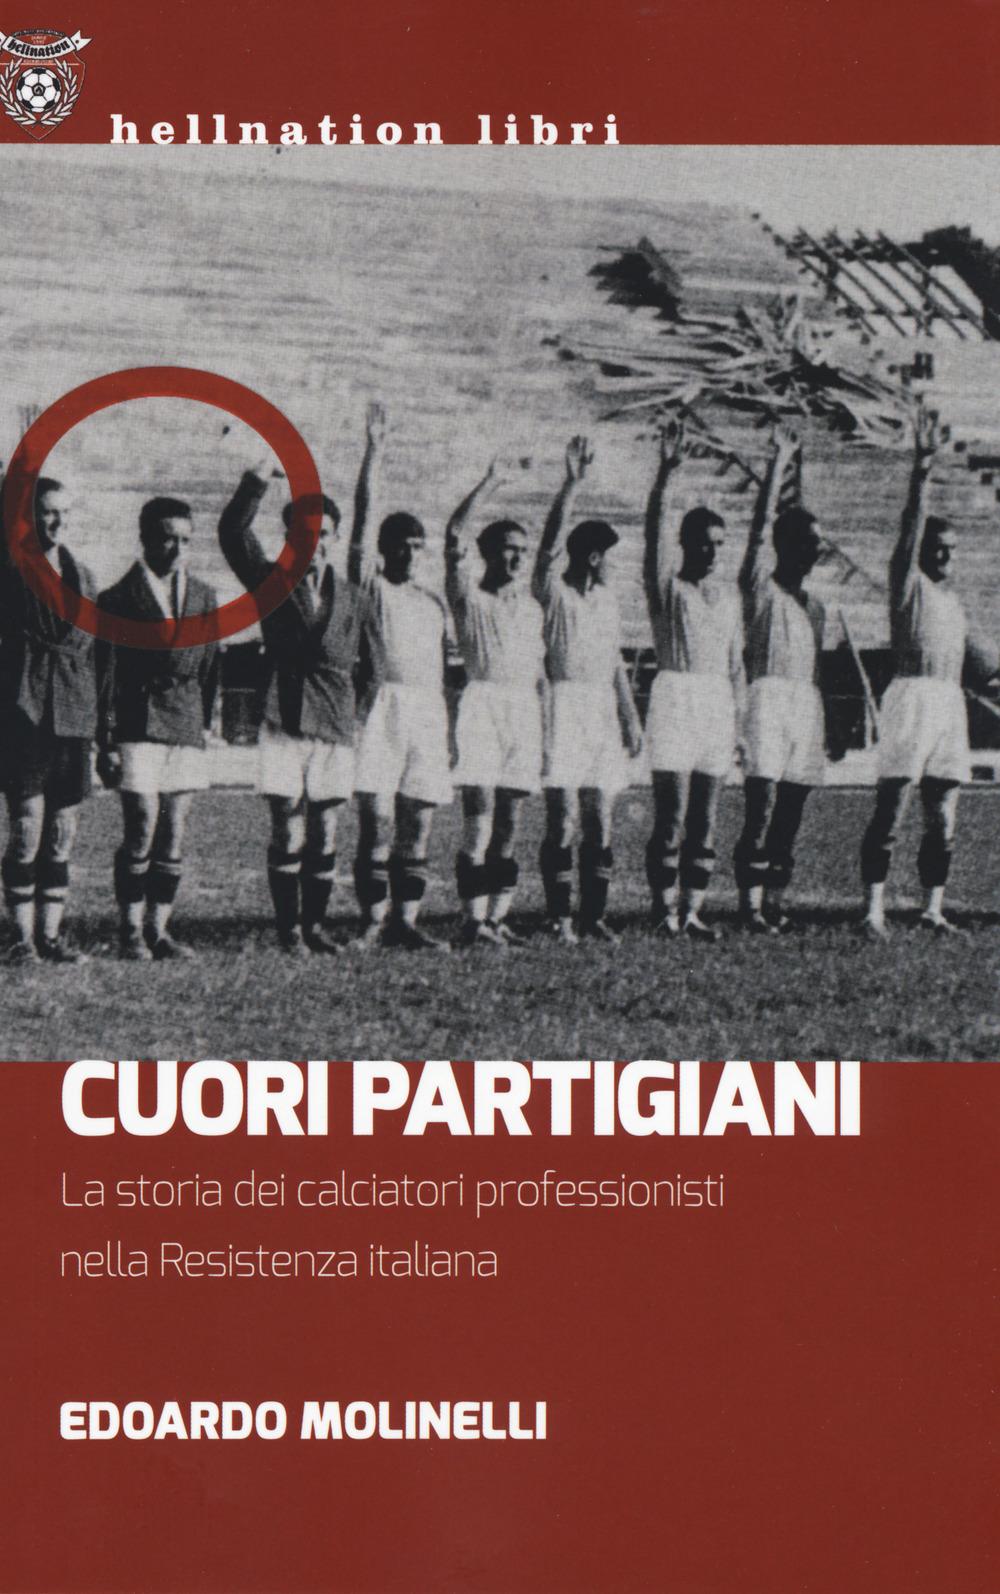 Cuori partigiani. La storia dei calciatori professionisti nella Resistenza italiana